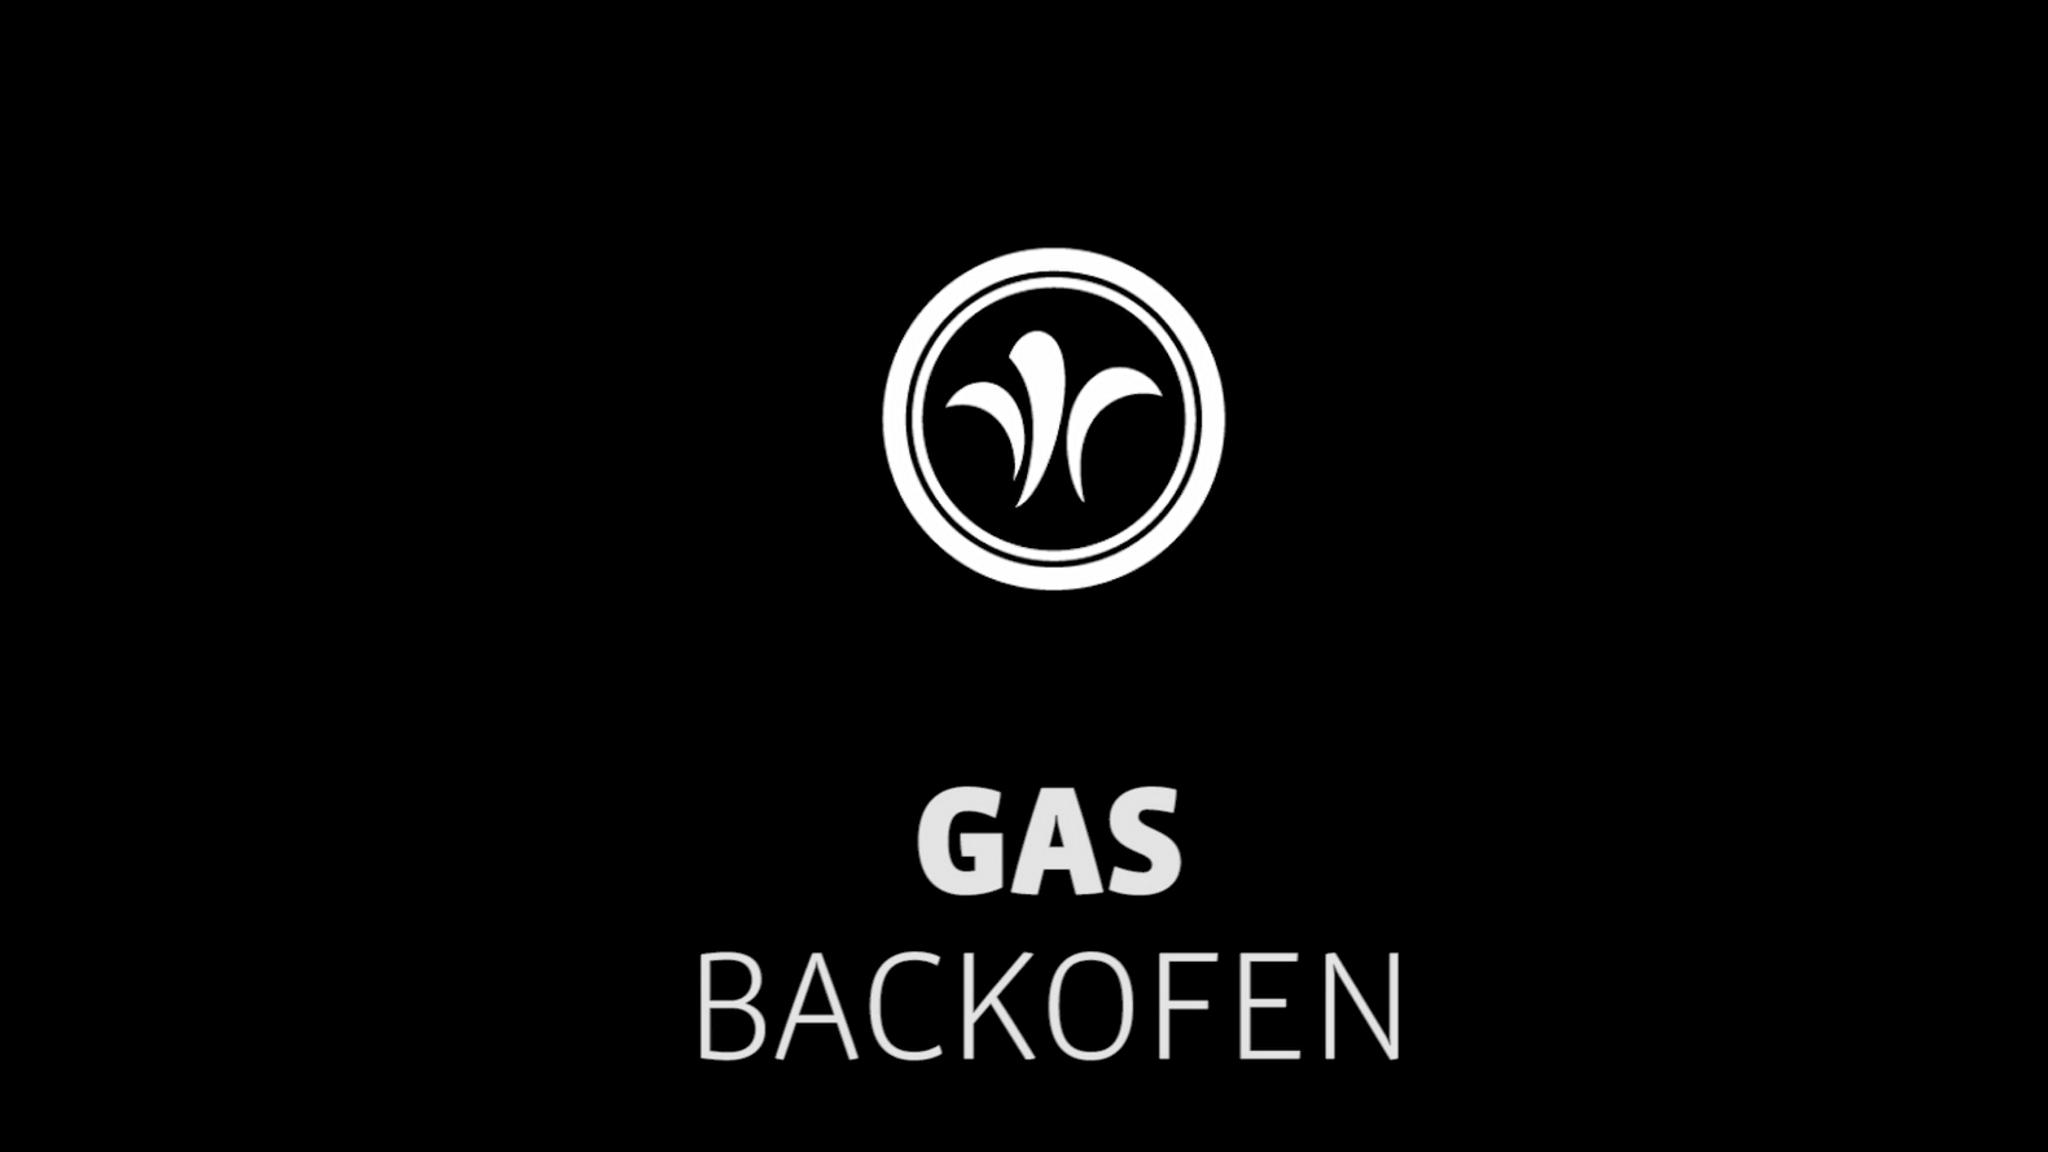 Wohnmobil Backofen // Niesmann+Bischoff – Reisemobil (Modell ARTO) // 2019 // G5